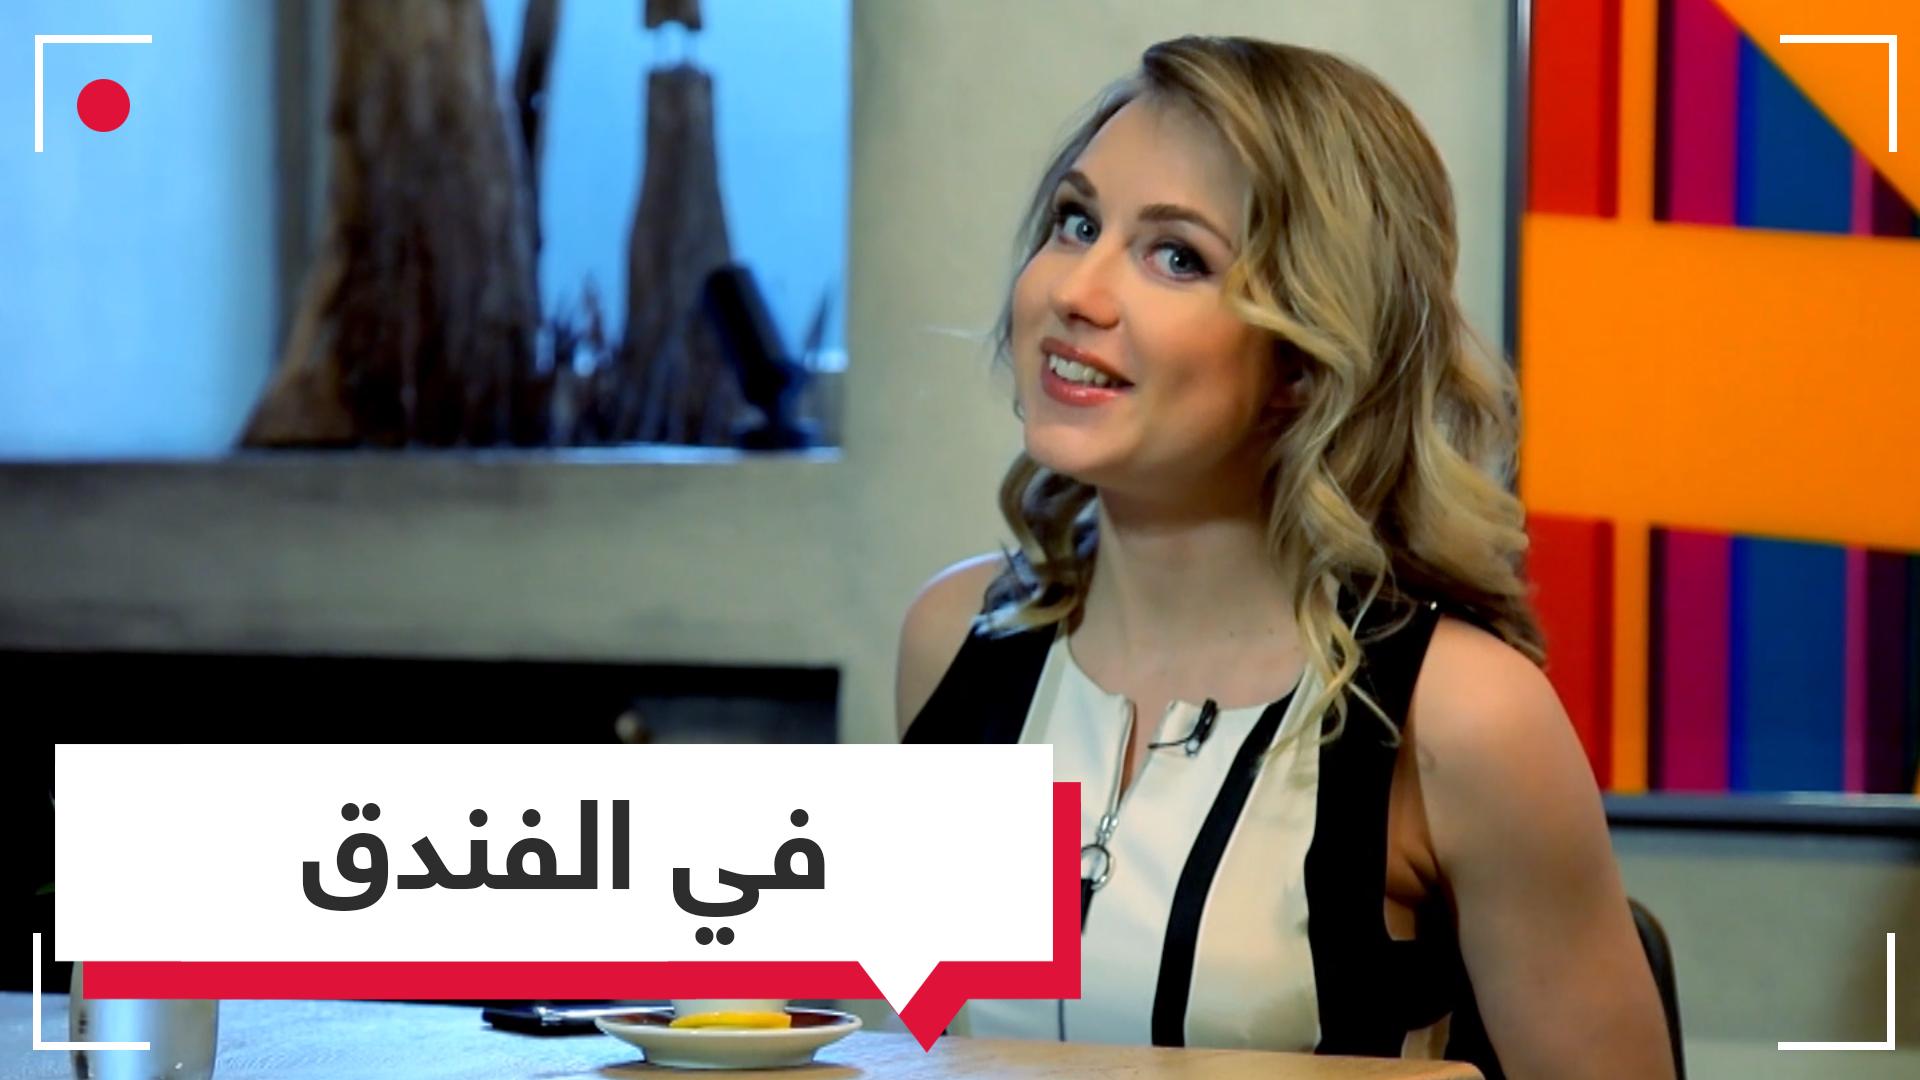 ضيف عربي واللغة الروسية... هل سينجح في استخدامها في حجز غرفة بفندق؟